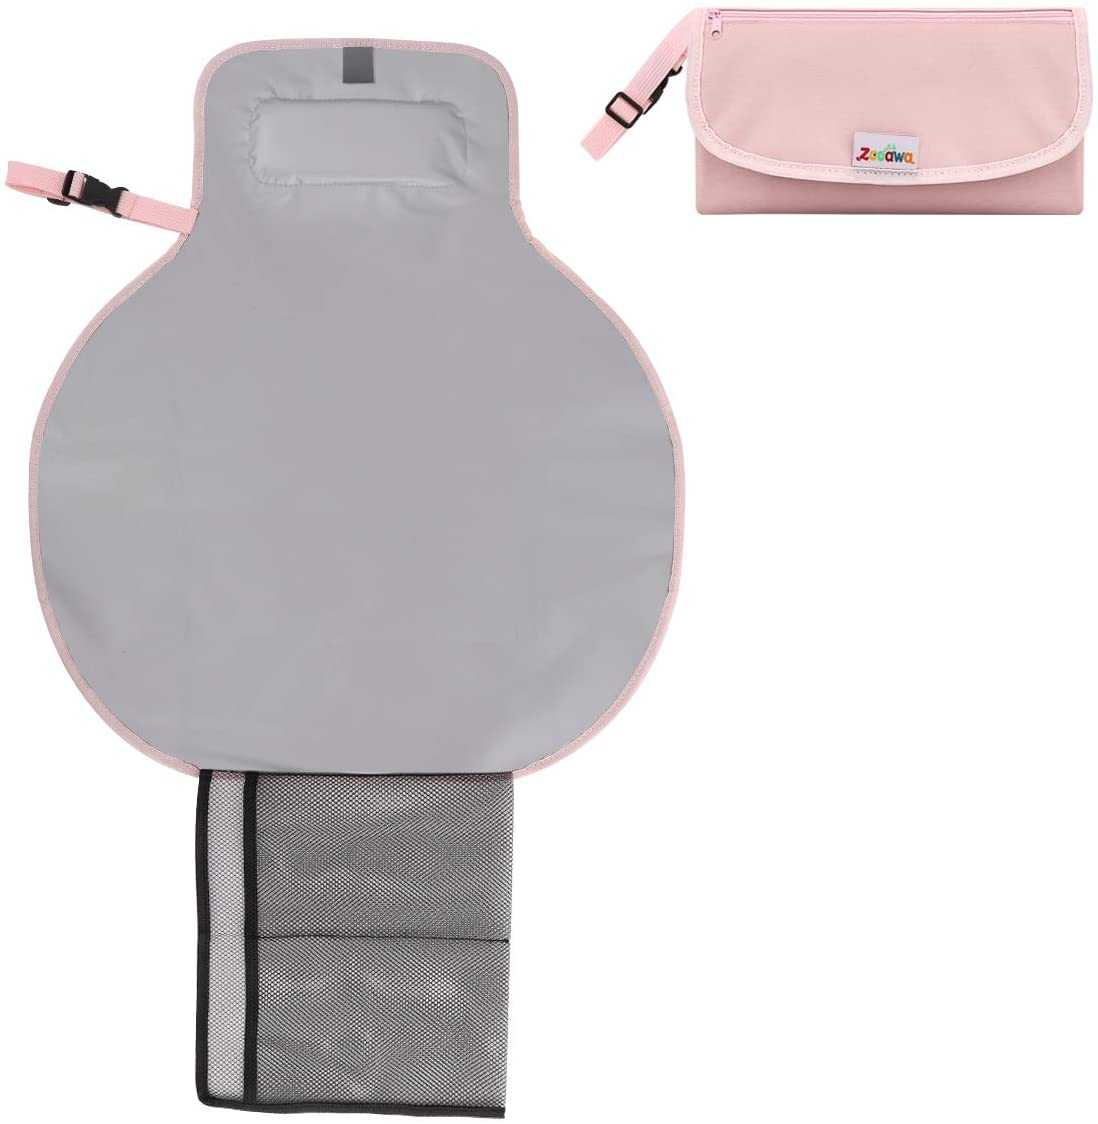 Zooawa Almohadilla de cambio de pañales portátil Alfombrilla de viaje plegable impermeable a prueba de agua para bebés,Rosado